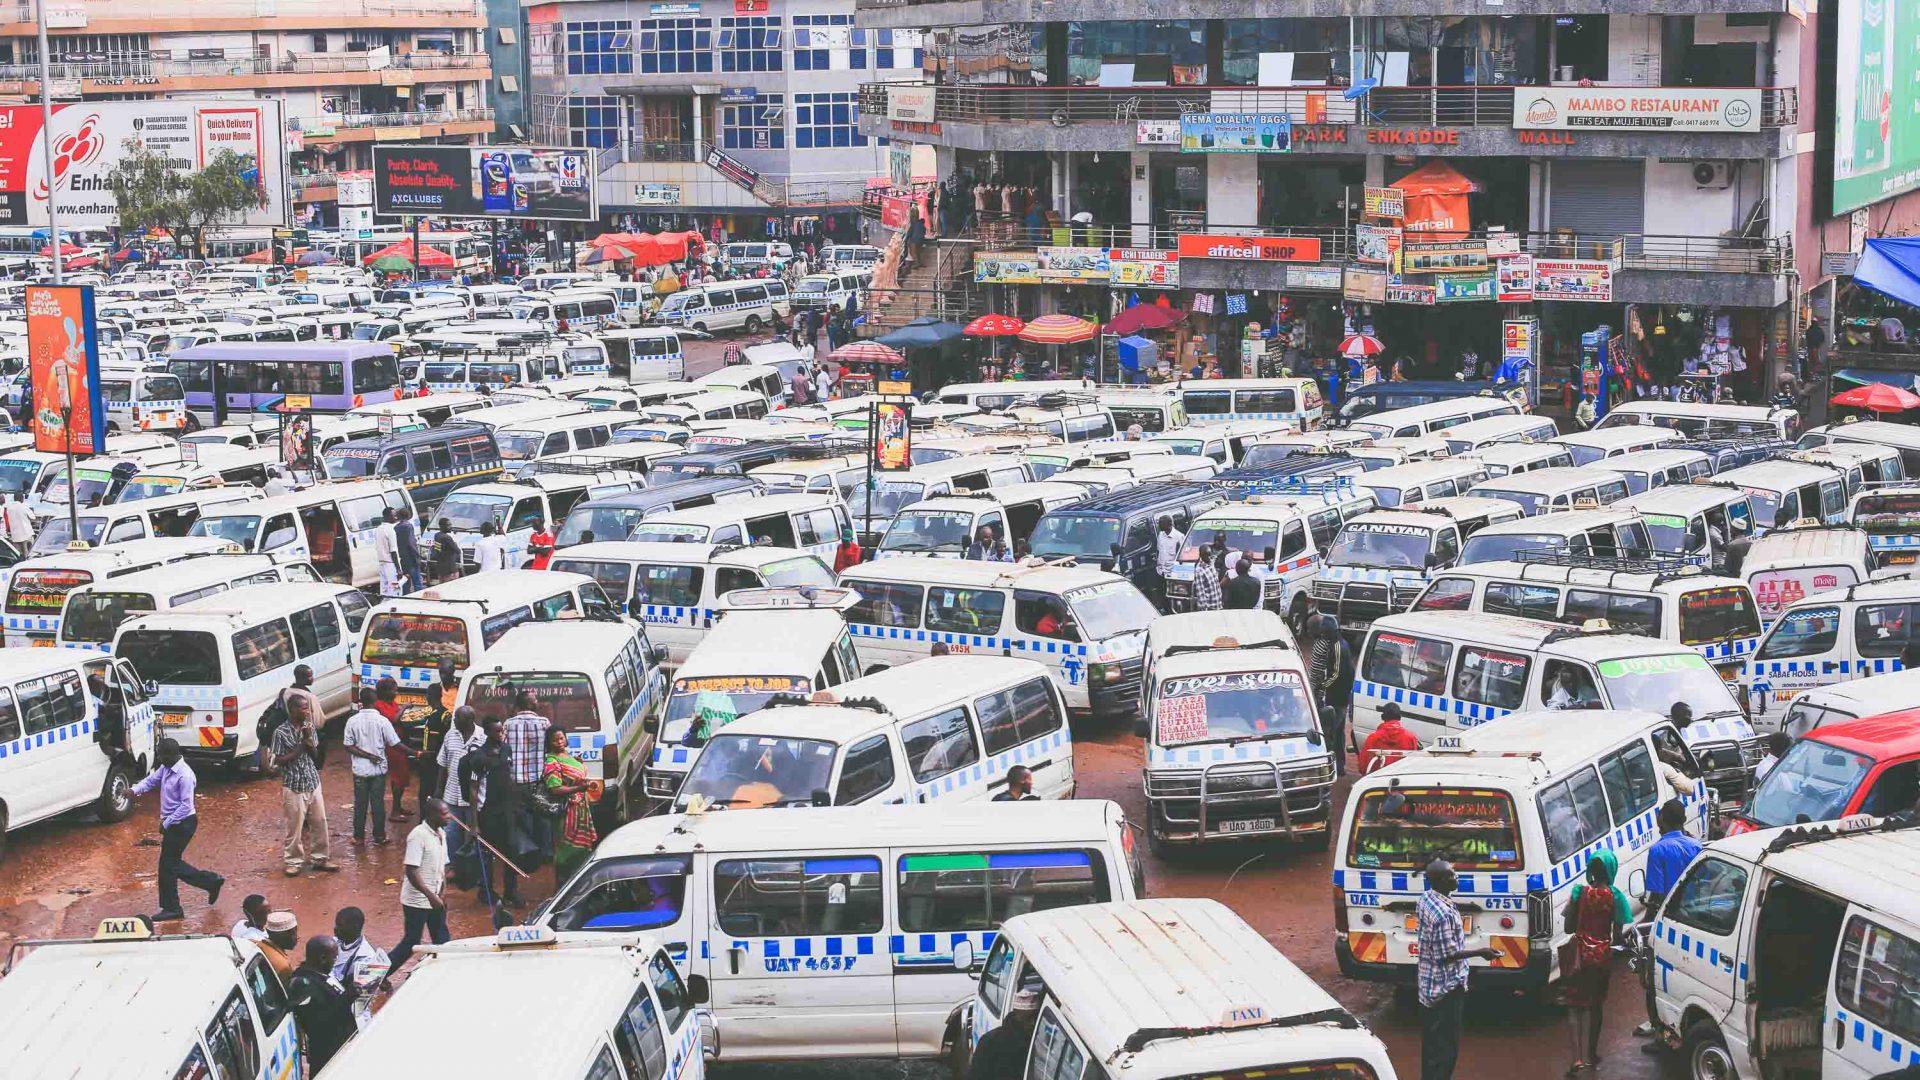 Matatu (mini vans) in Kampala, Uganda.